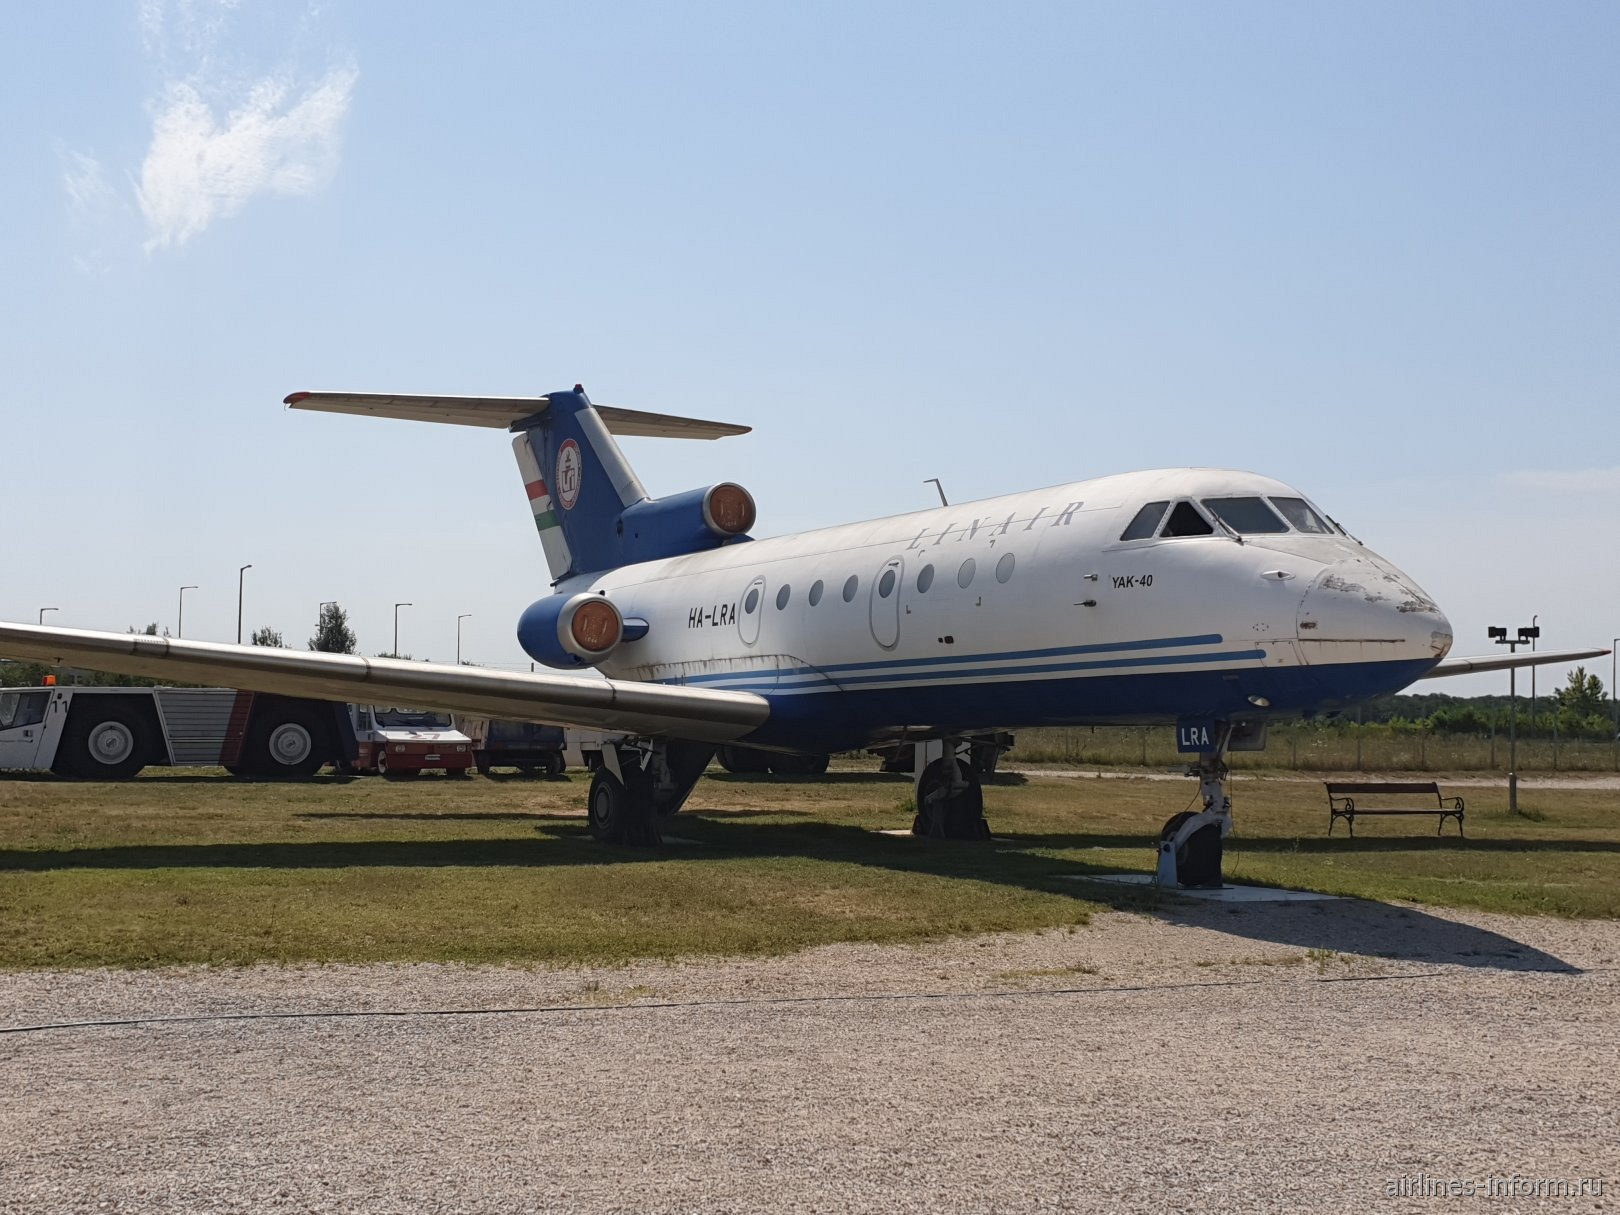 Самолет Як-40 HA-LRA в авиационном музее в аэропорту Будапешта